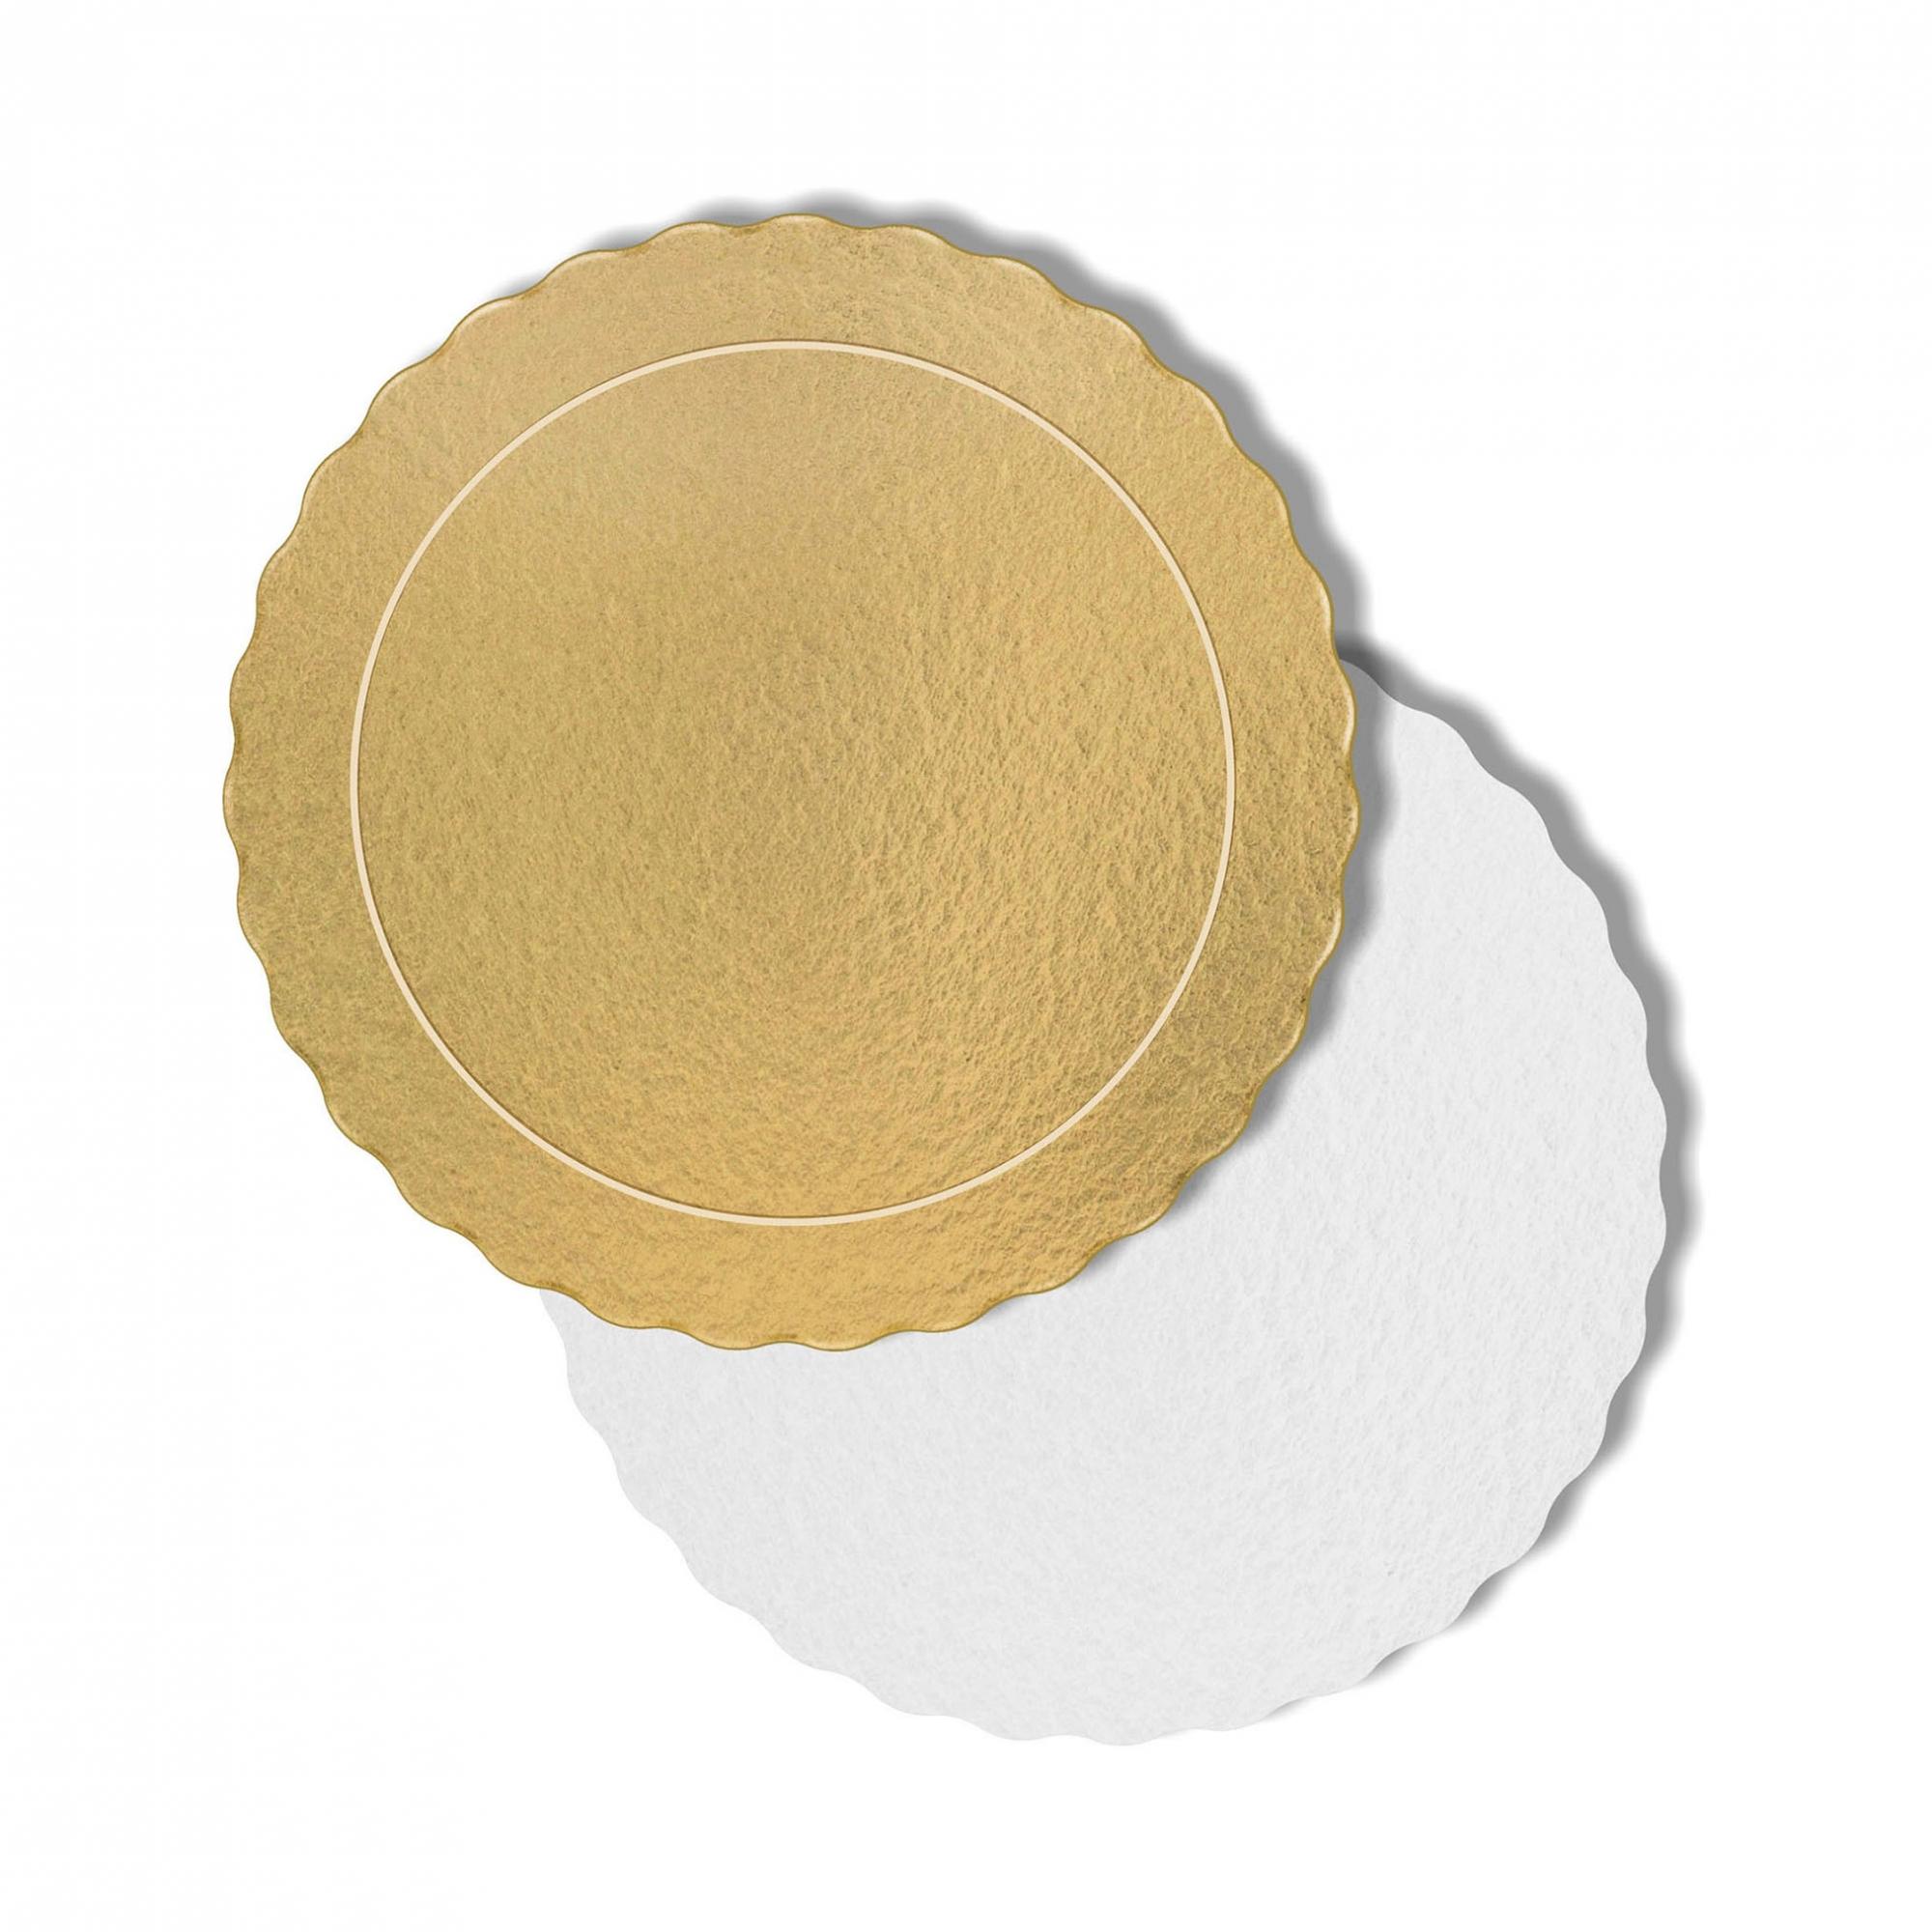 100 Bases Laminadas Para Bolo Redondo, Cake Board 28cm - Ouro